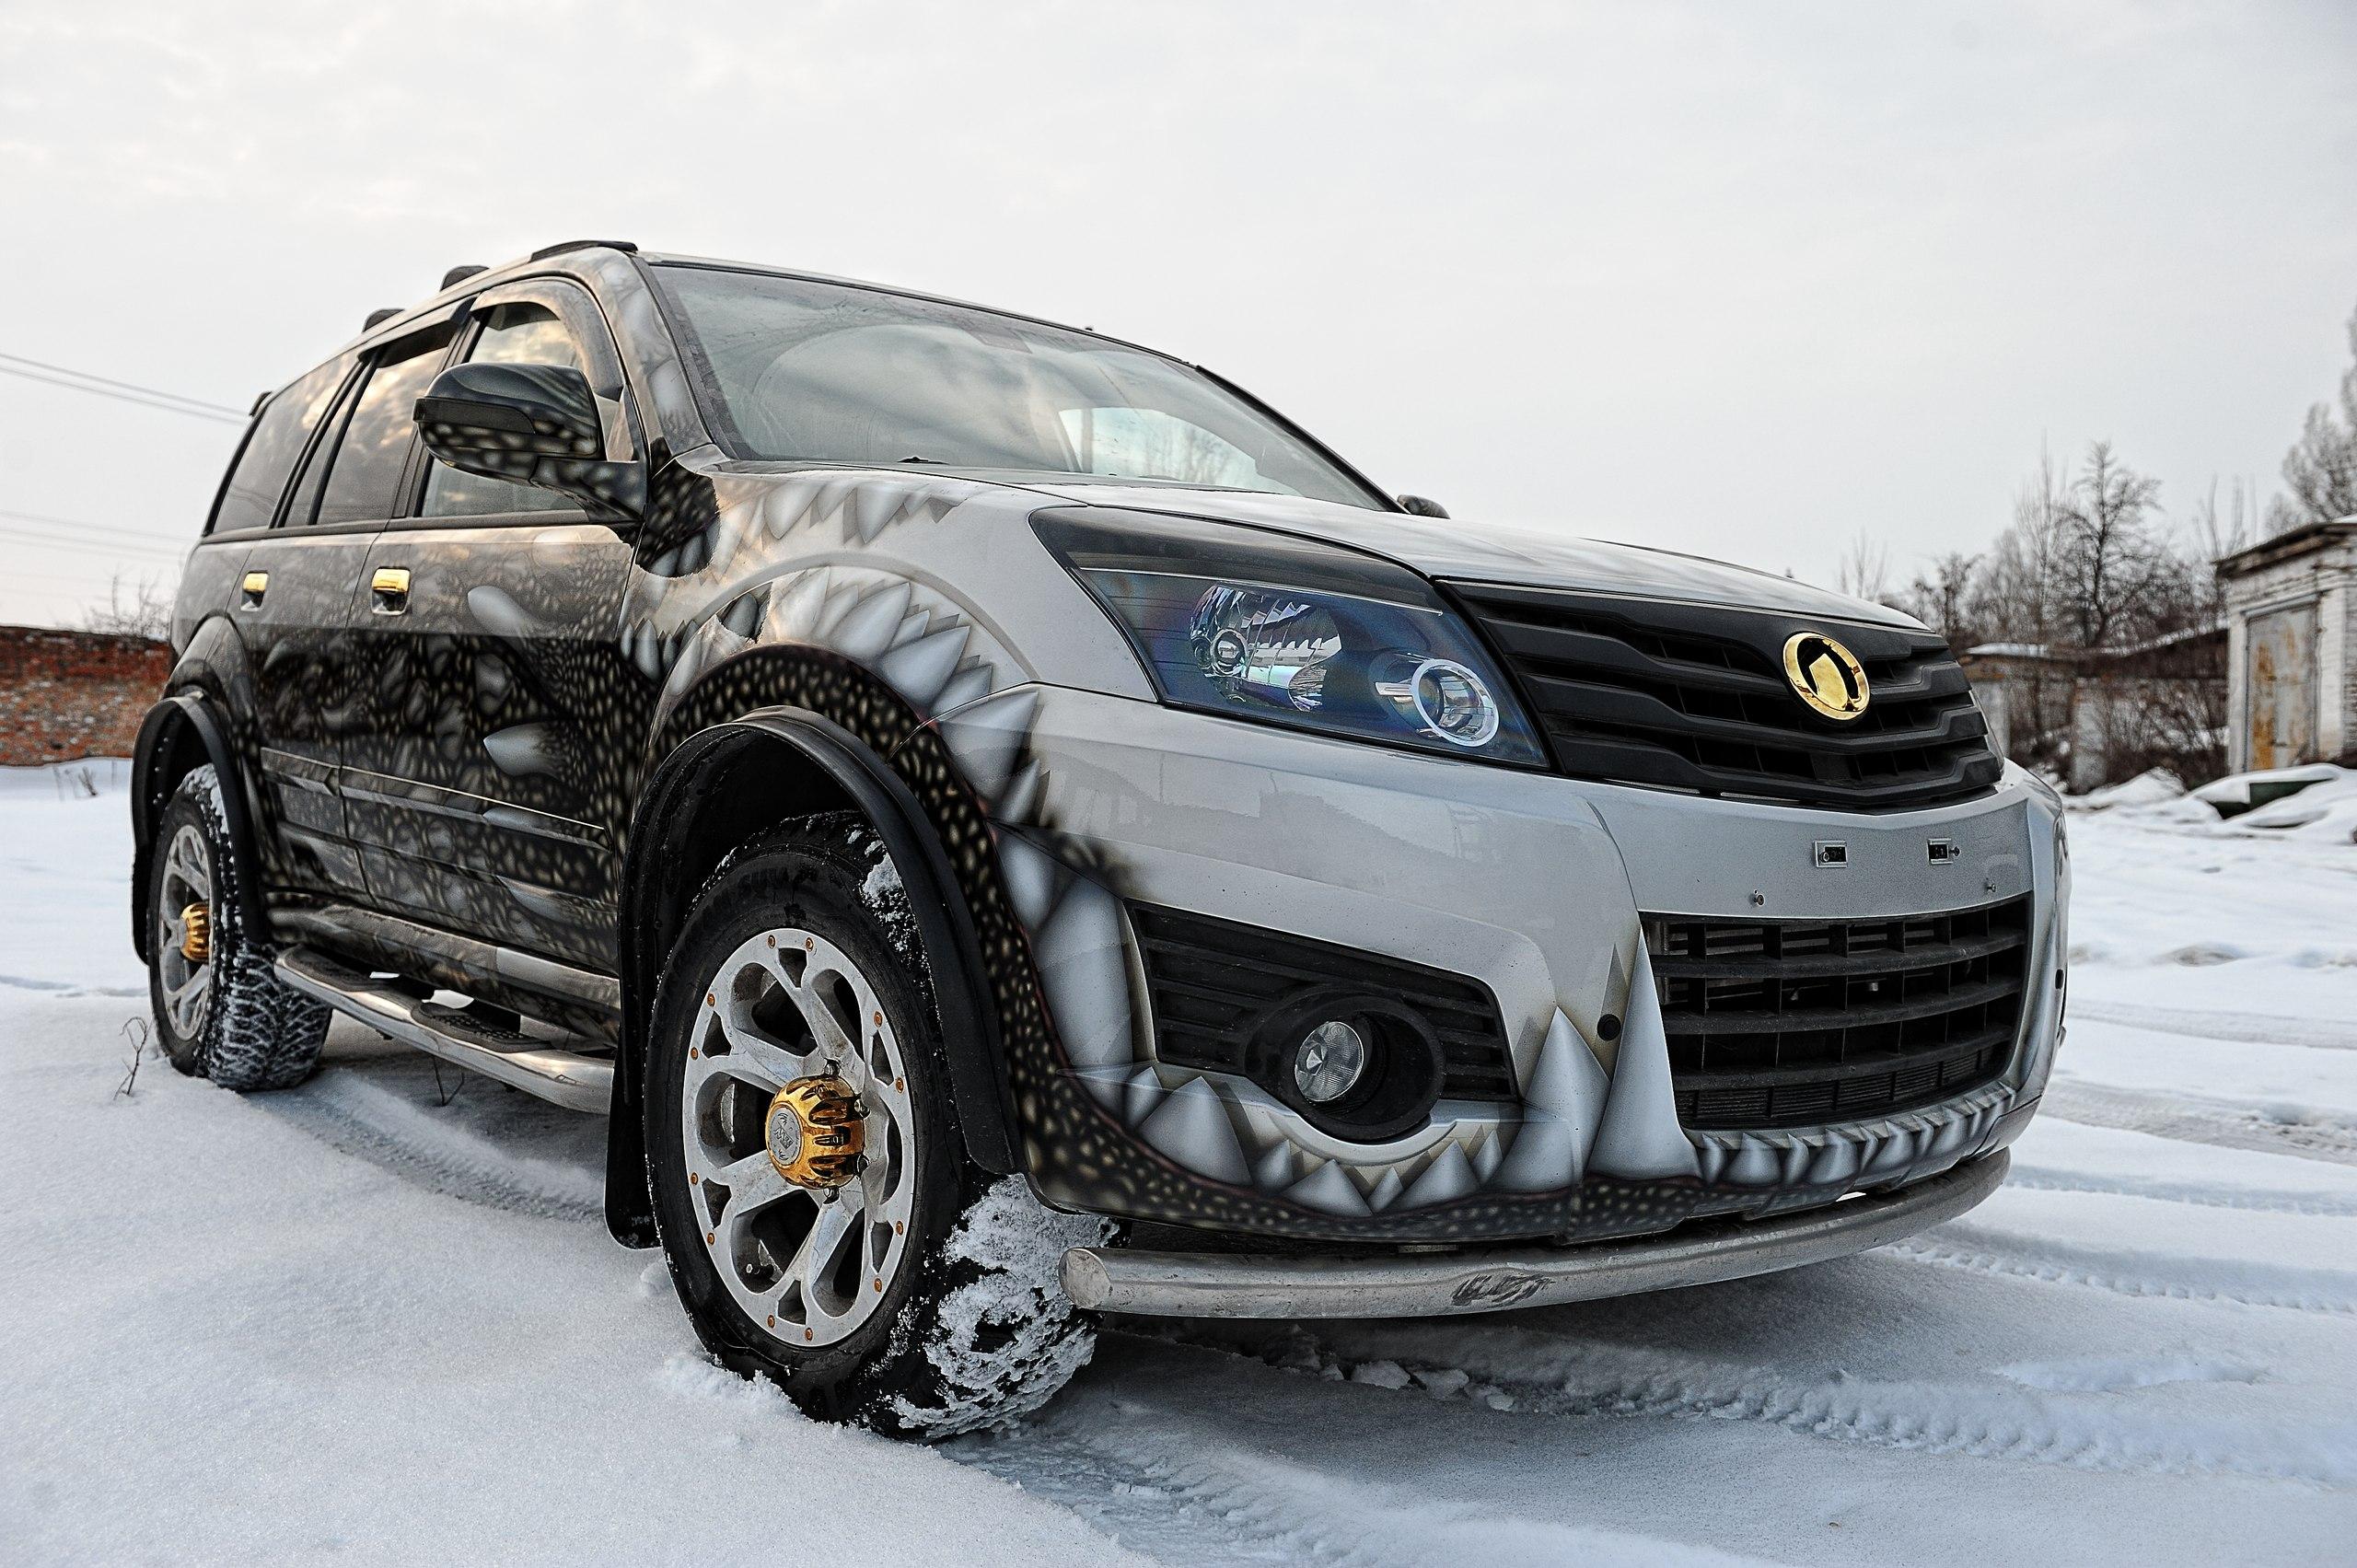 Тюнинг автомобиля Great Wall Hover